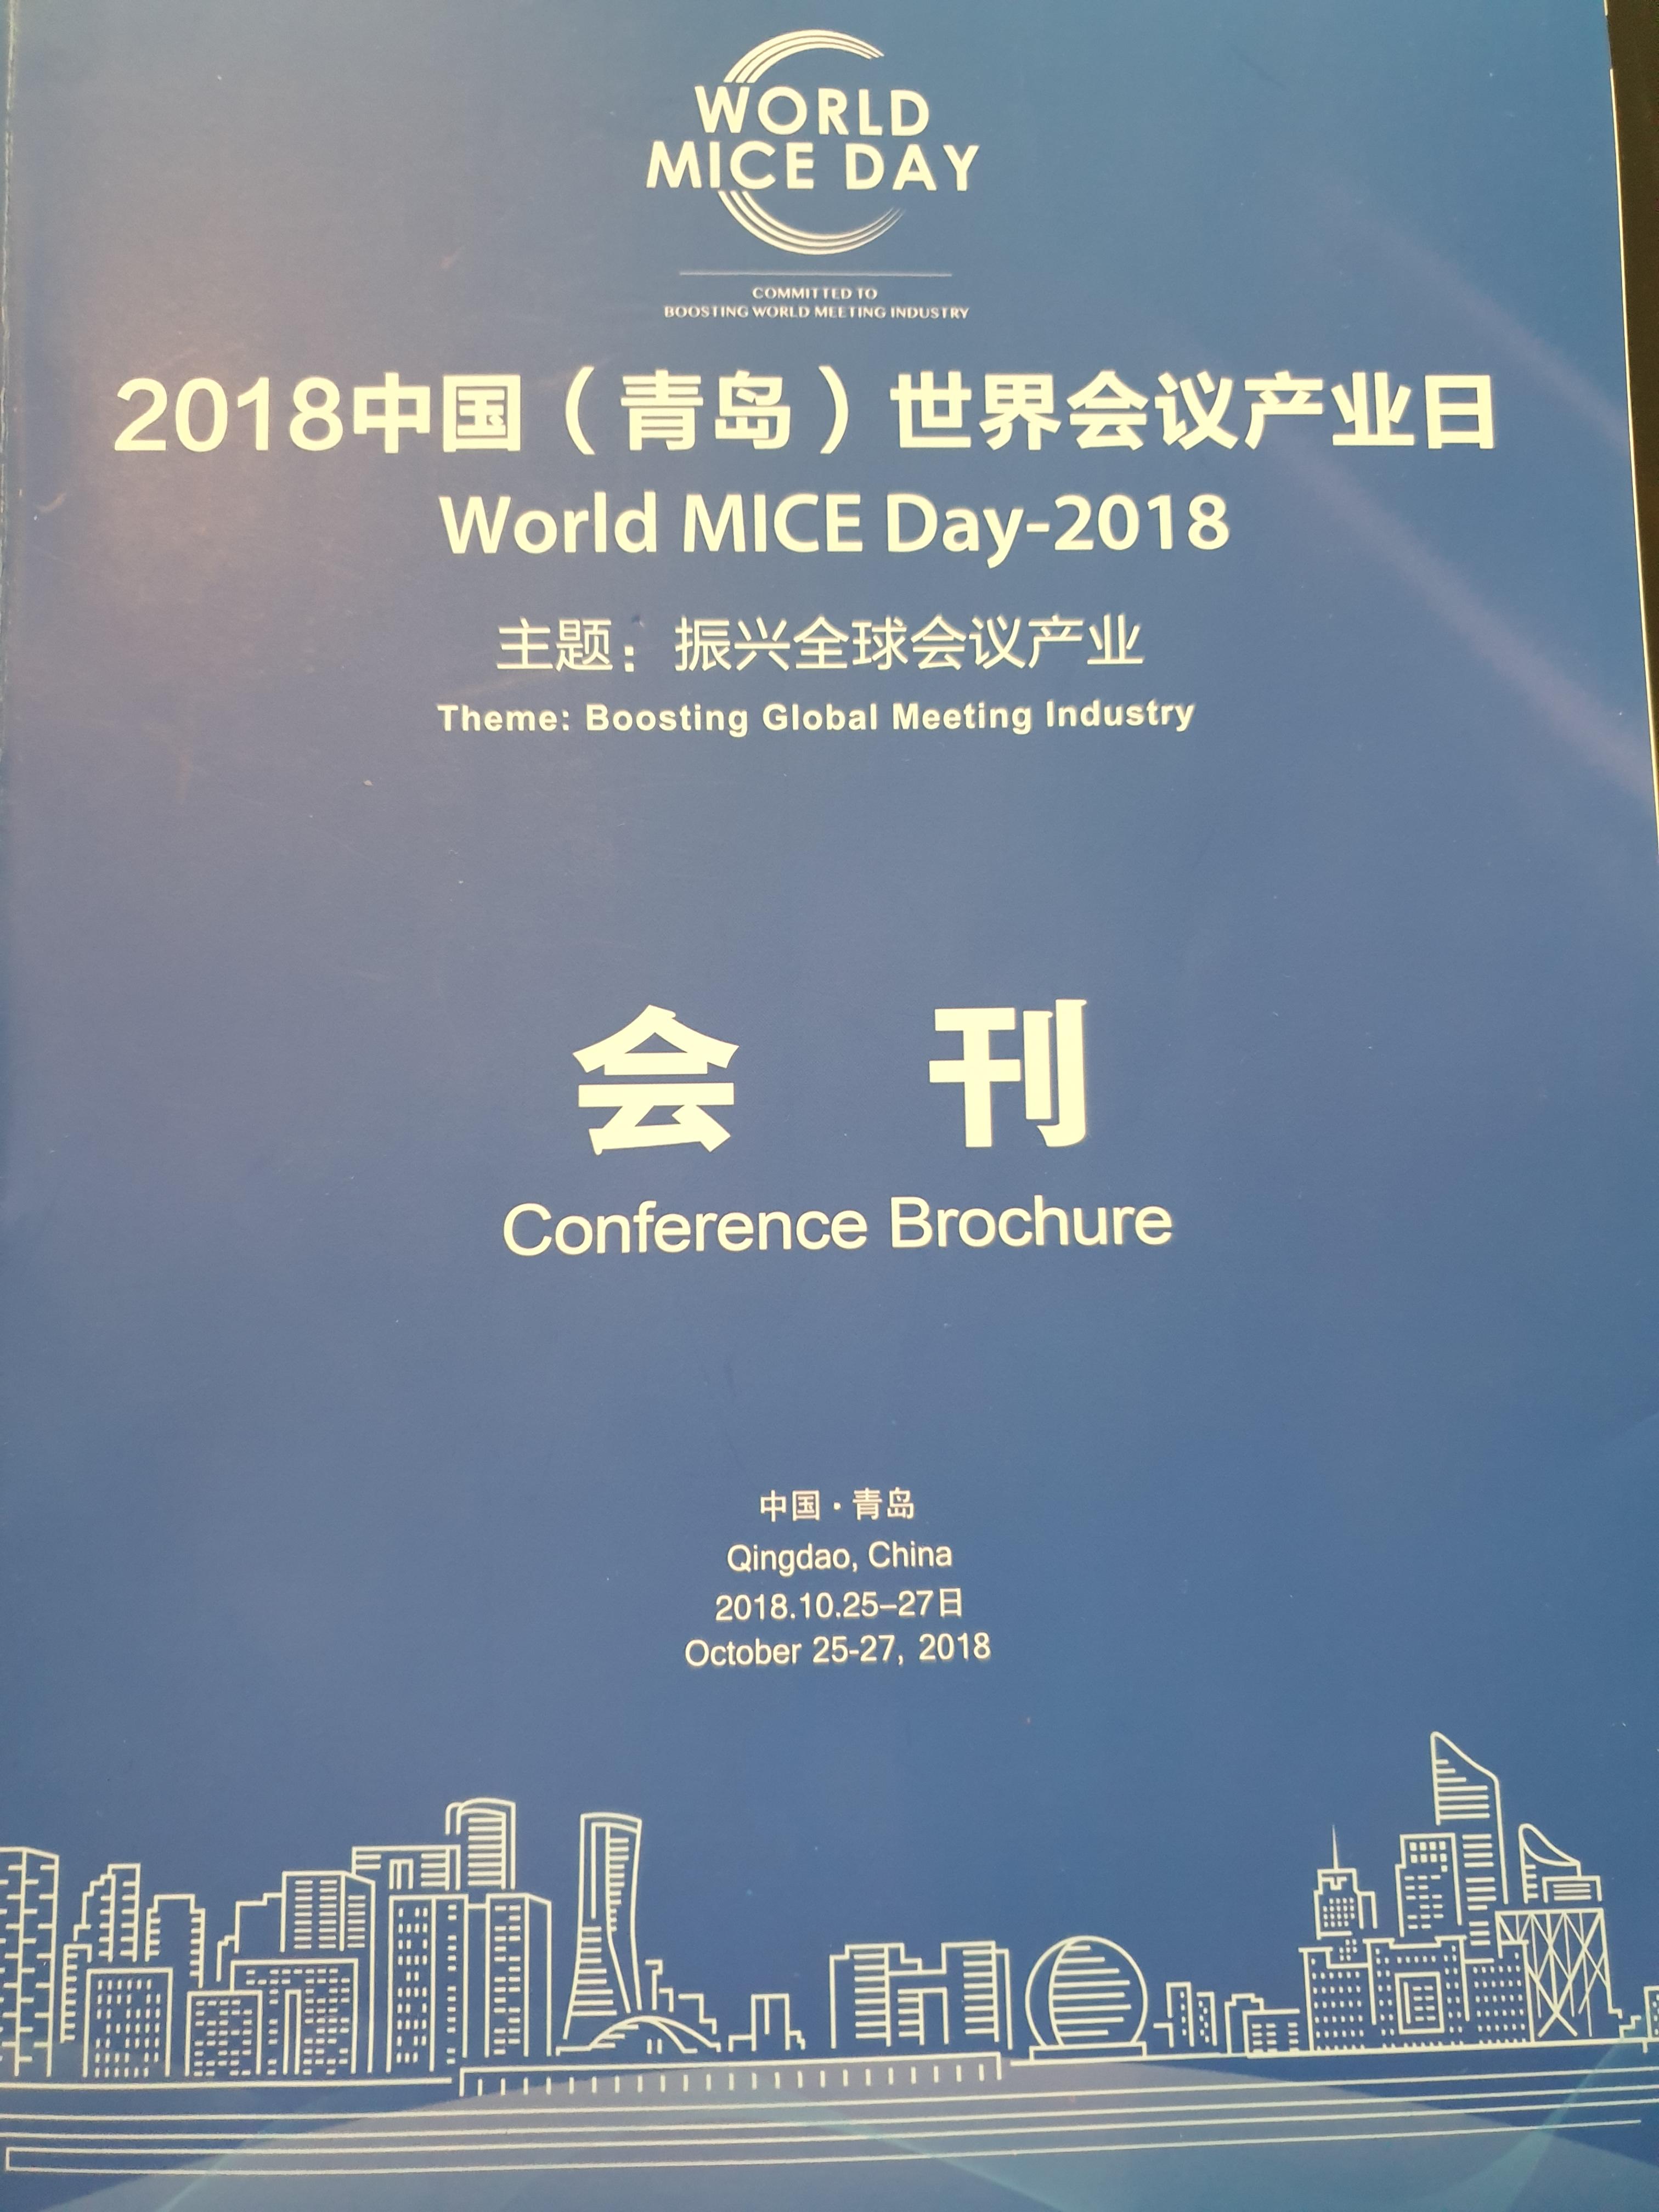 World MICE Day 2018 (1)